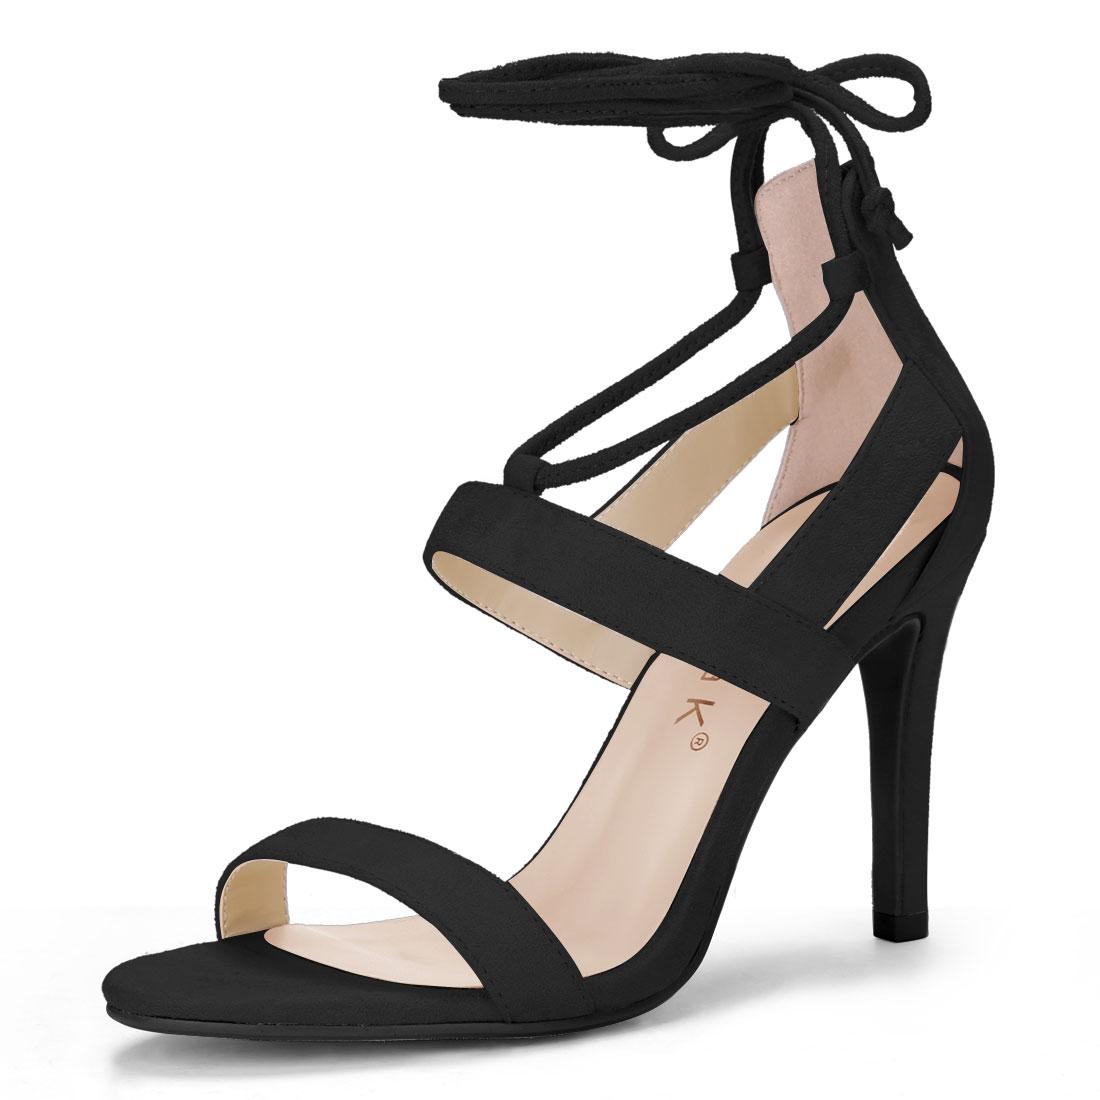 Ladies Open Toe Cutout Stiletto Heel Lace Up Sandals Black US 8